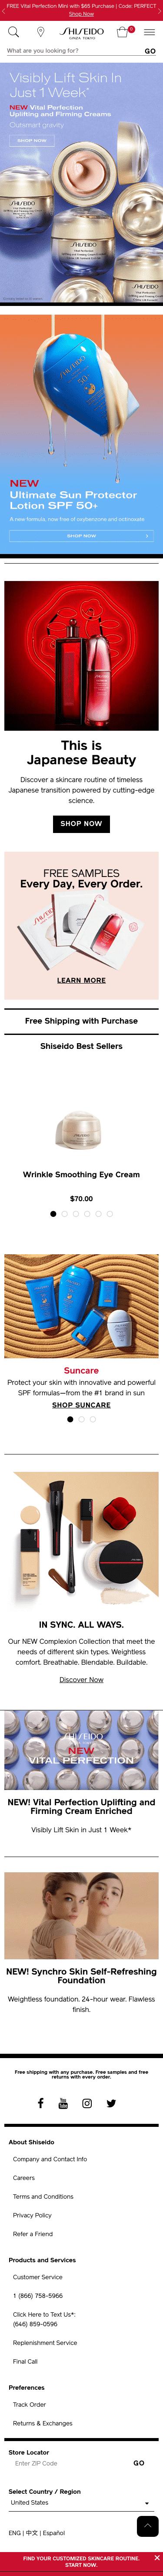 Shiseido Coupon